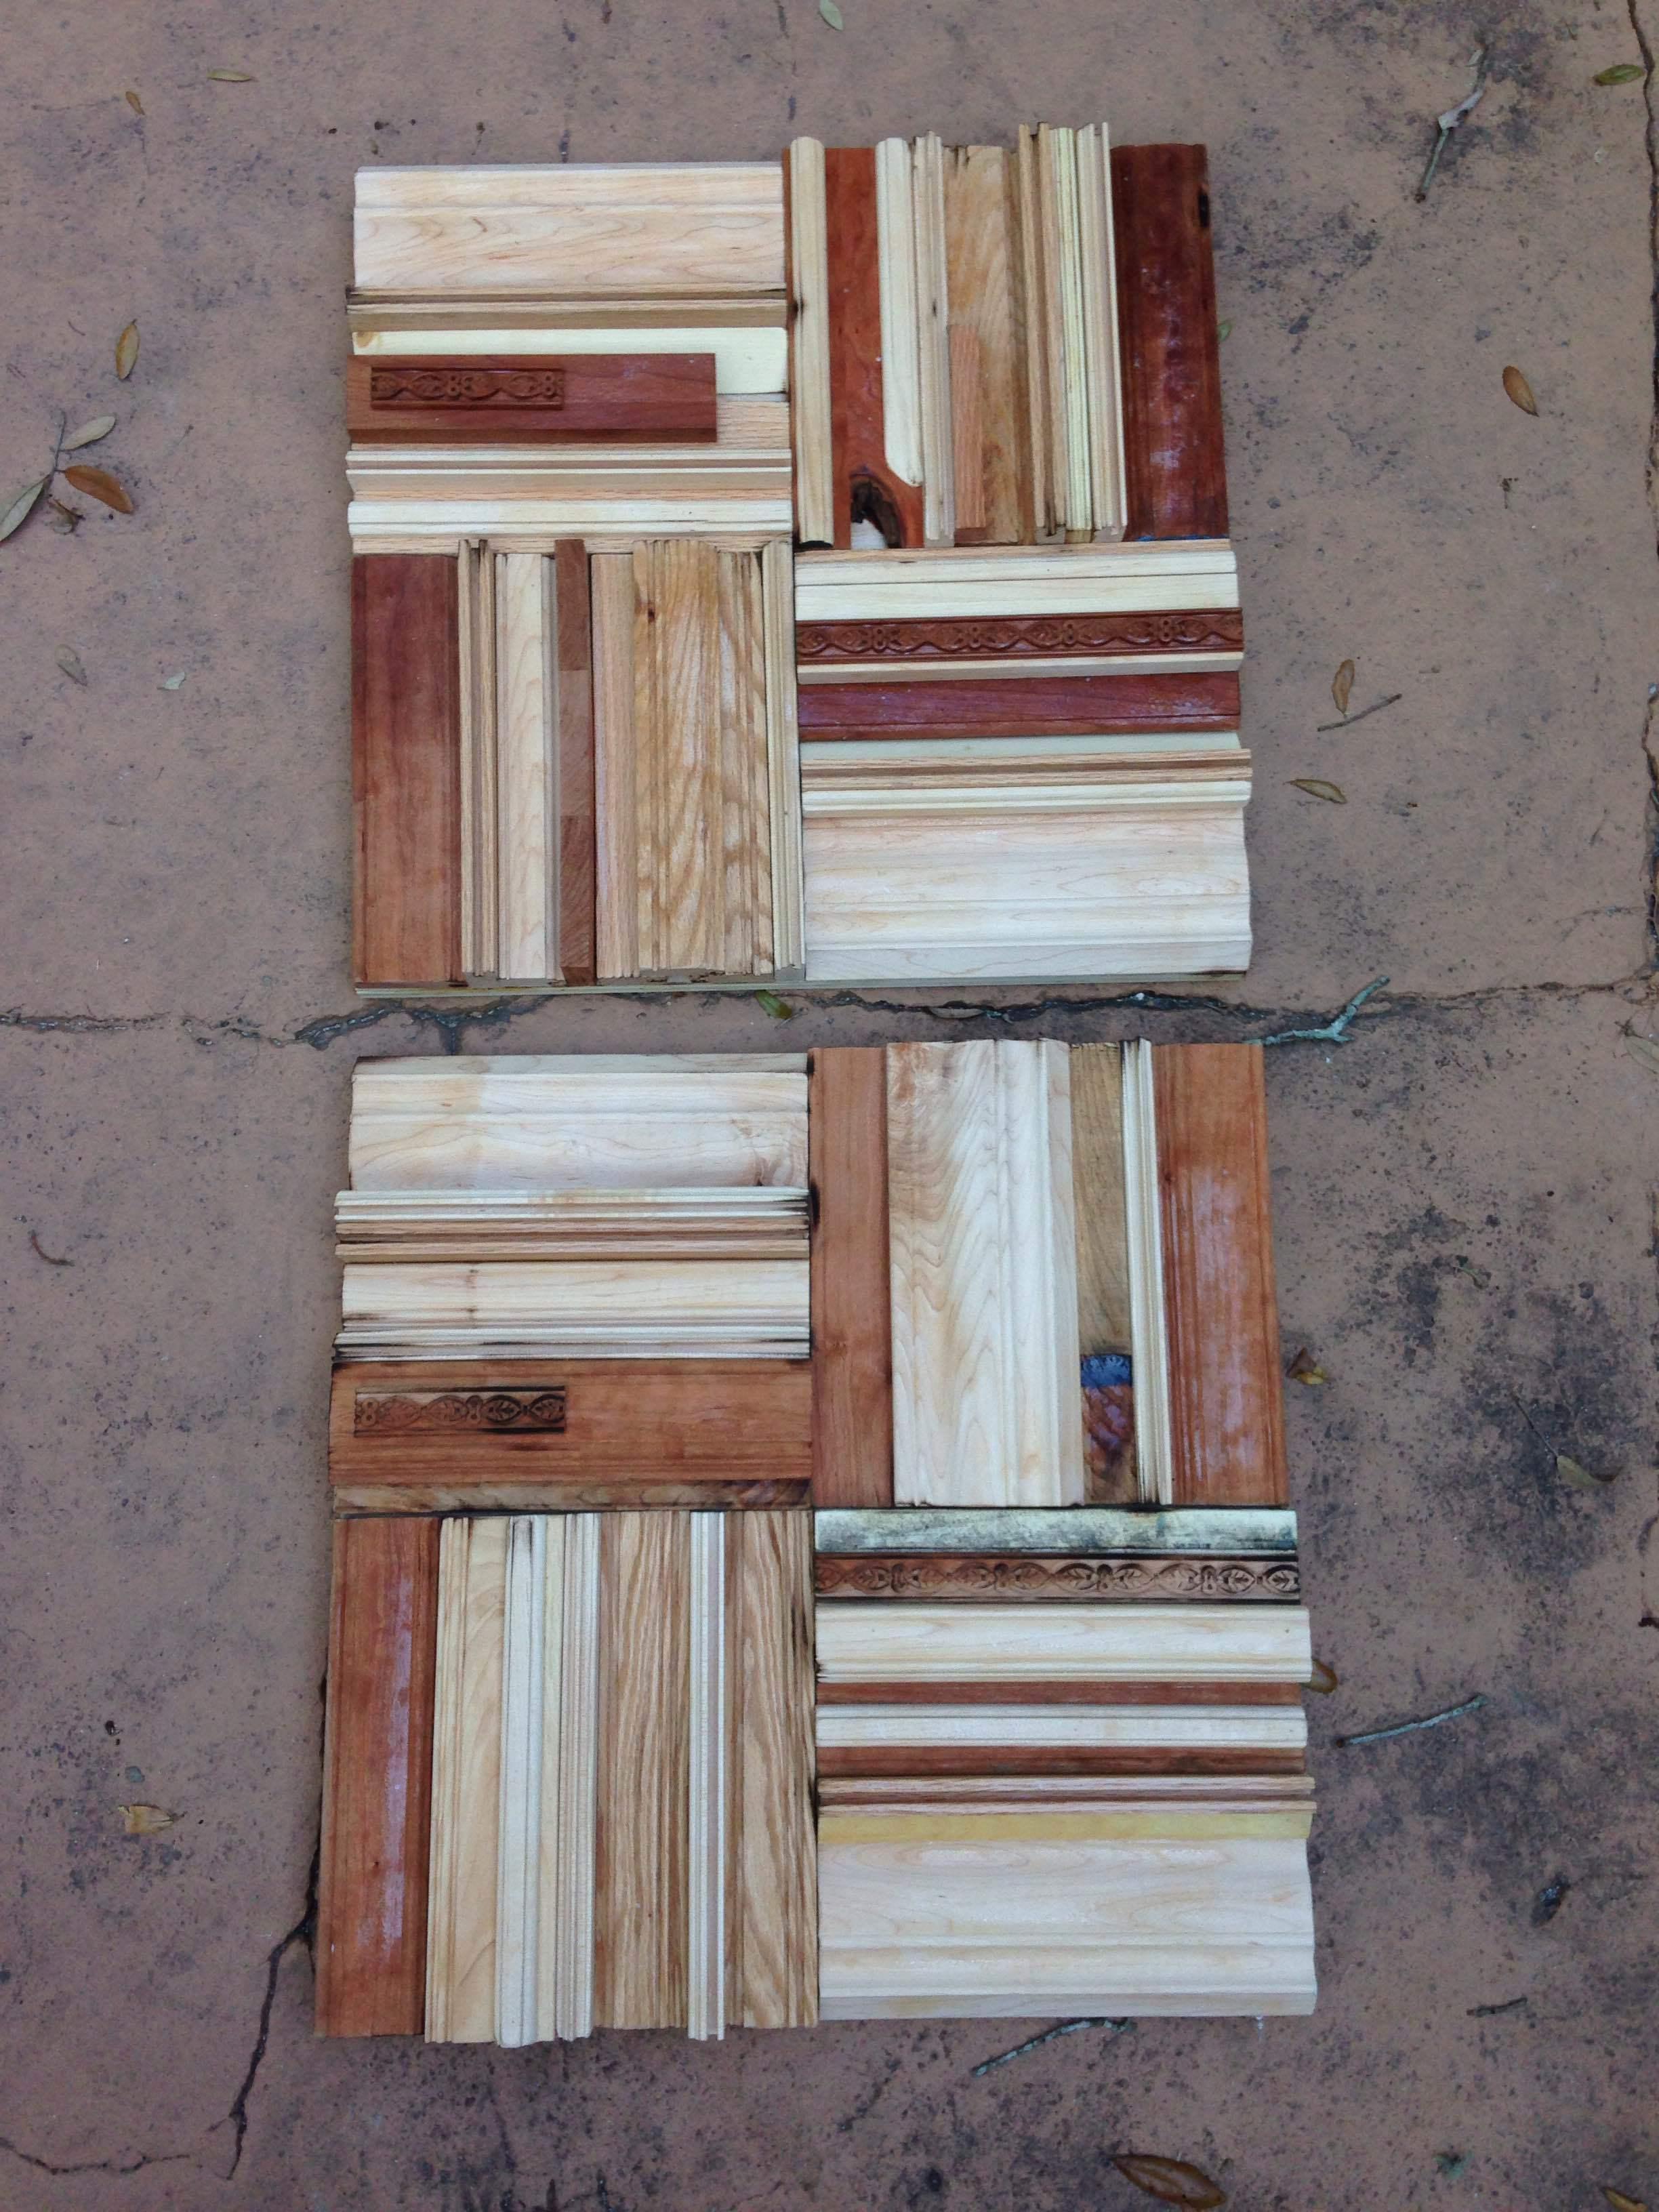 2 Custom 2'x2' panels